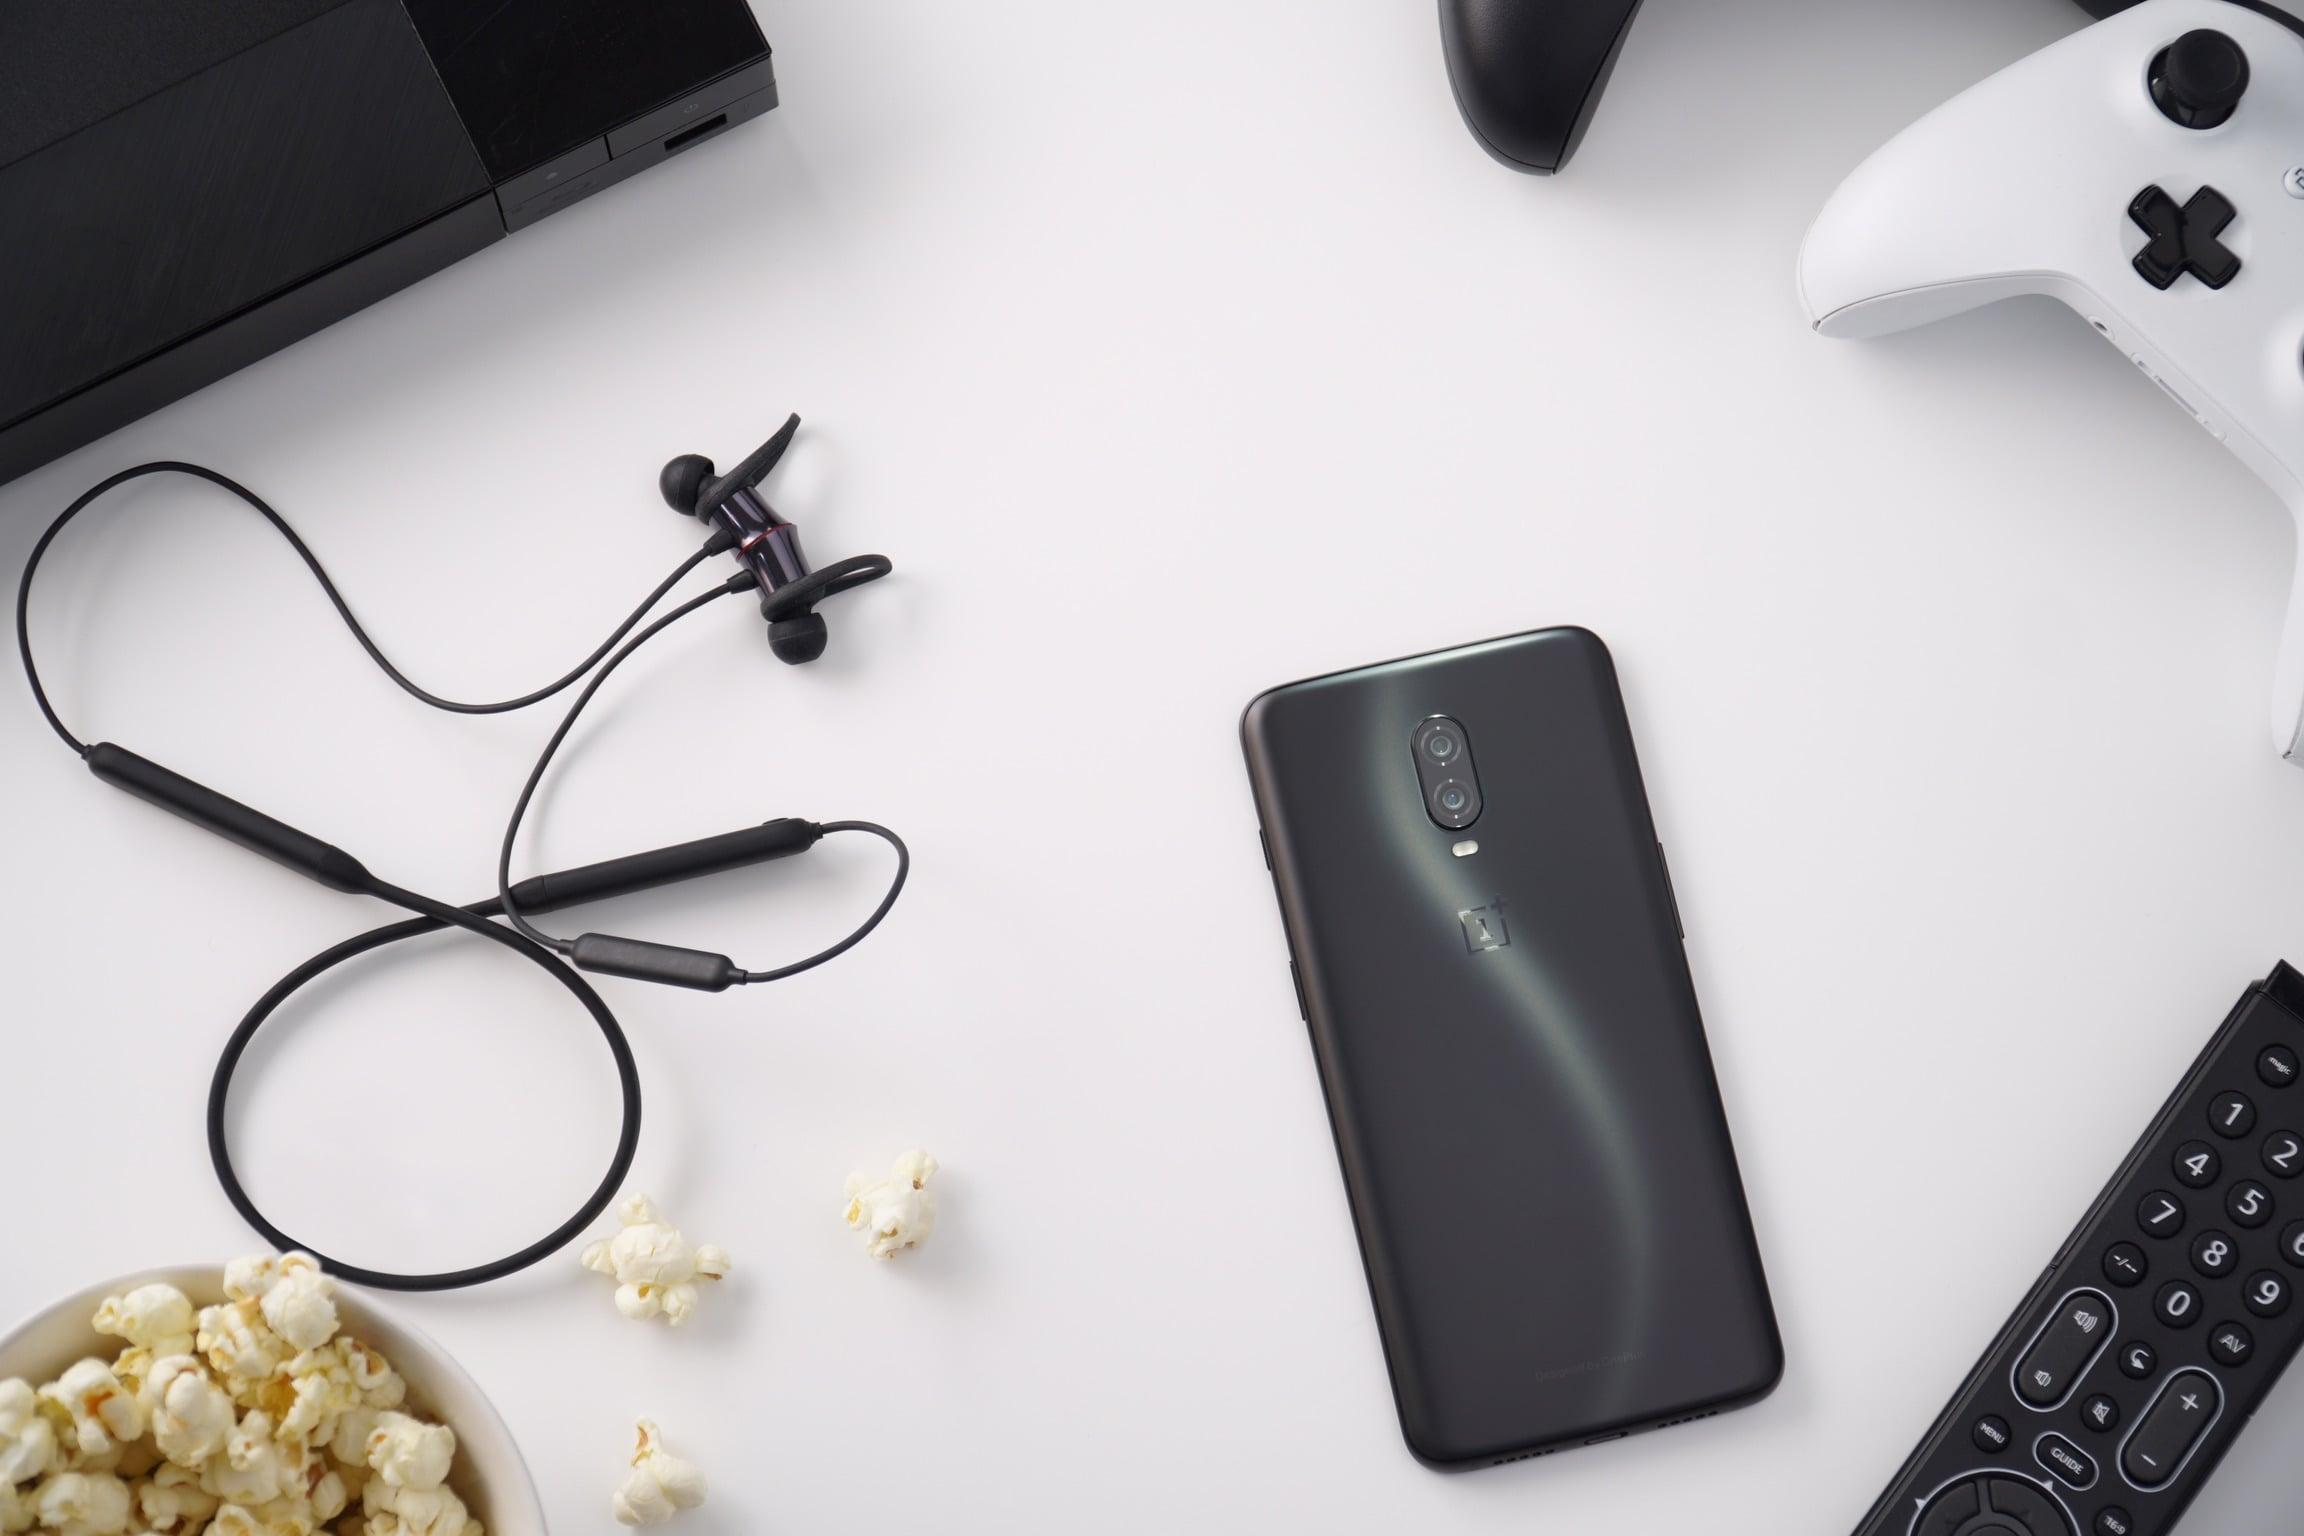 OnePlus 6T: presentato ufficialmente il nuovo modello di smartphone - 539A4BE1 1C7A 4BD4 A634 BF247D063F01